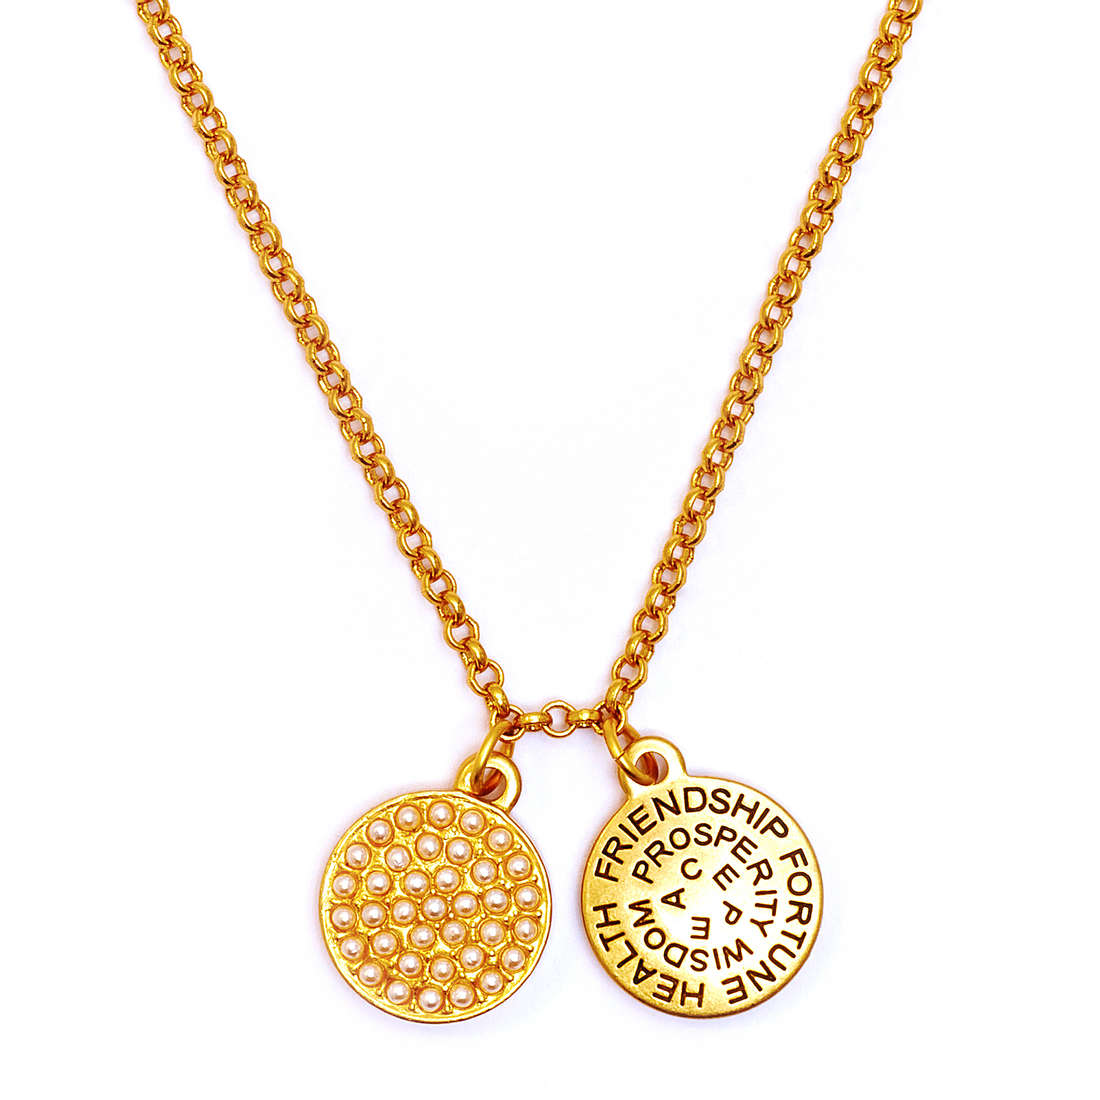 sito affidabile nuovo concetto brillantezza del colore Dettagli su collana donna gioielli Chrysalis Buona Fortuna offerta trendy  cod. CRNT0106GP